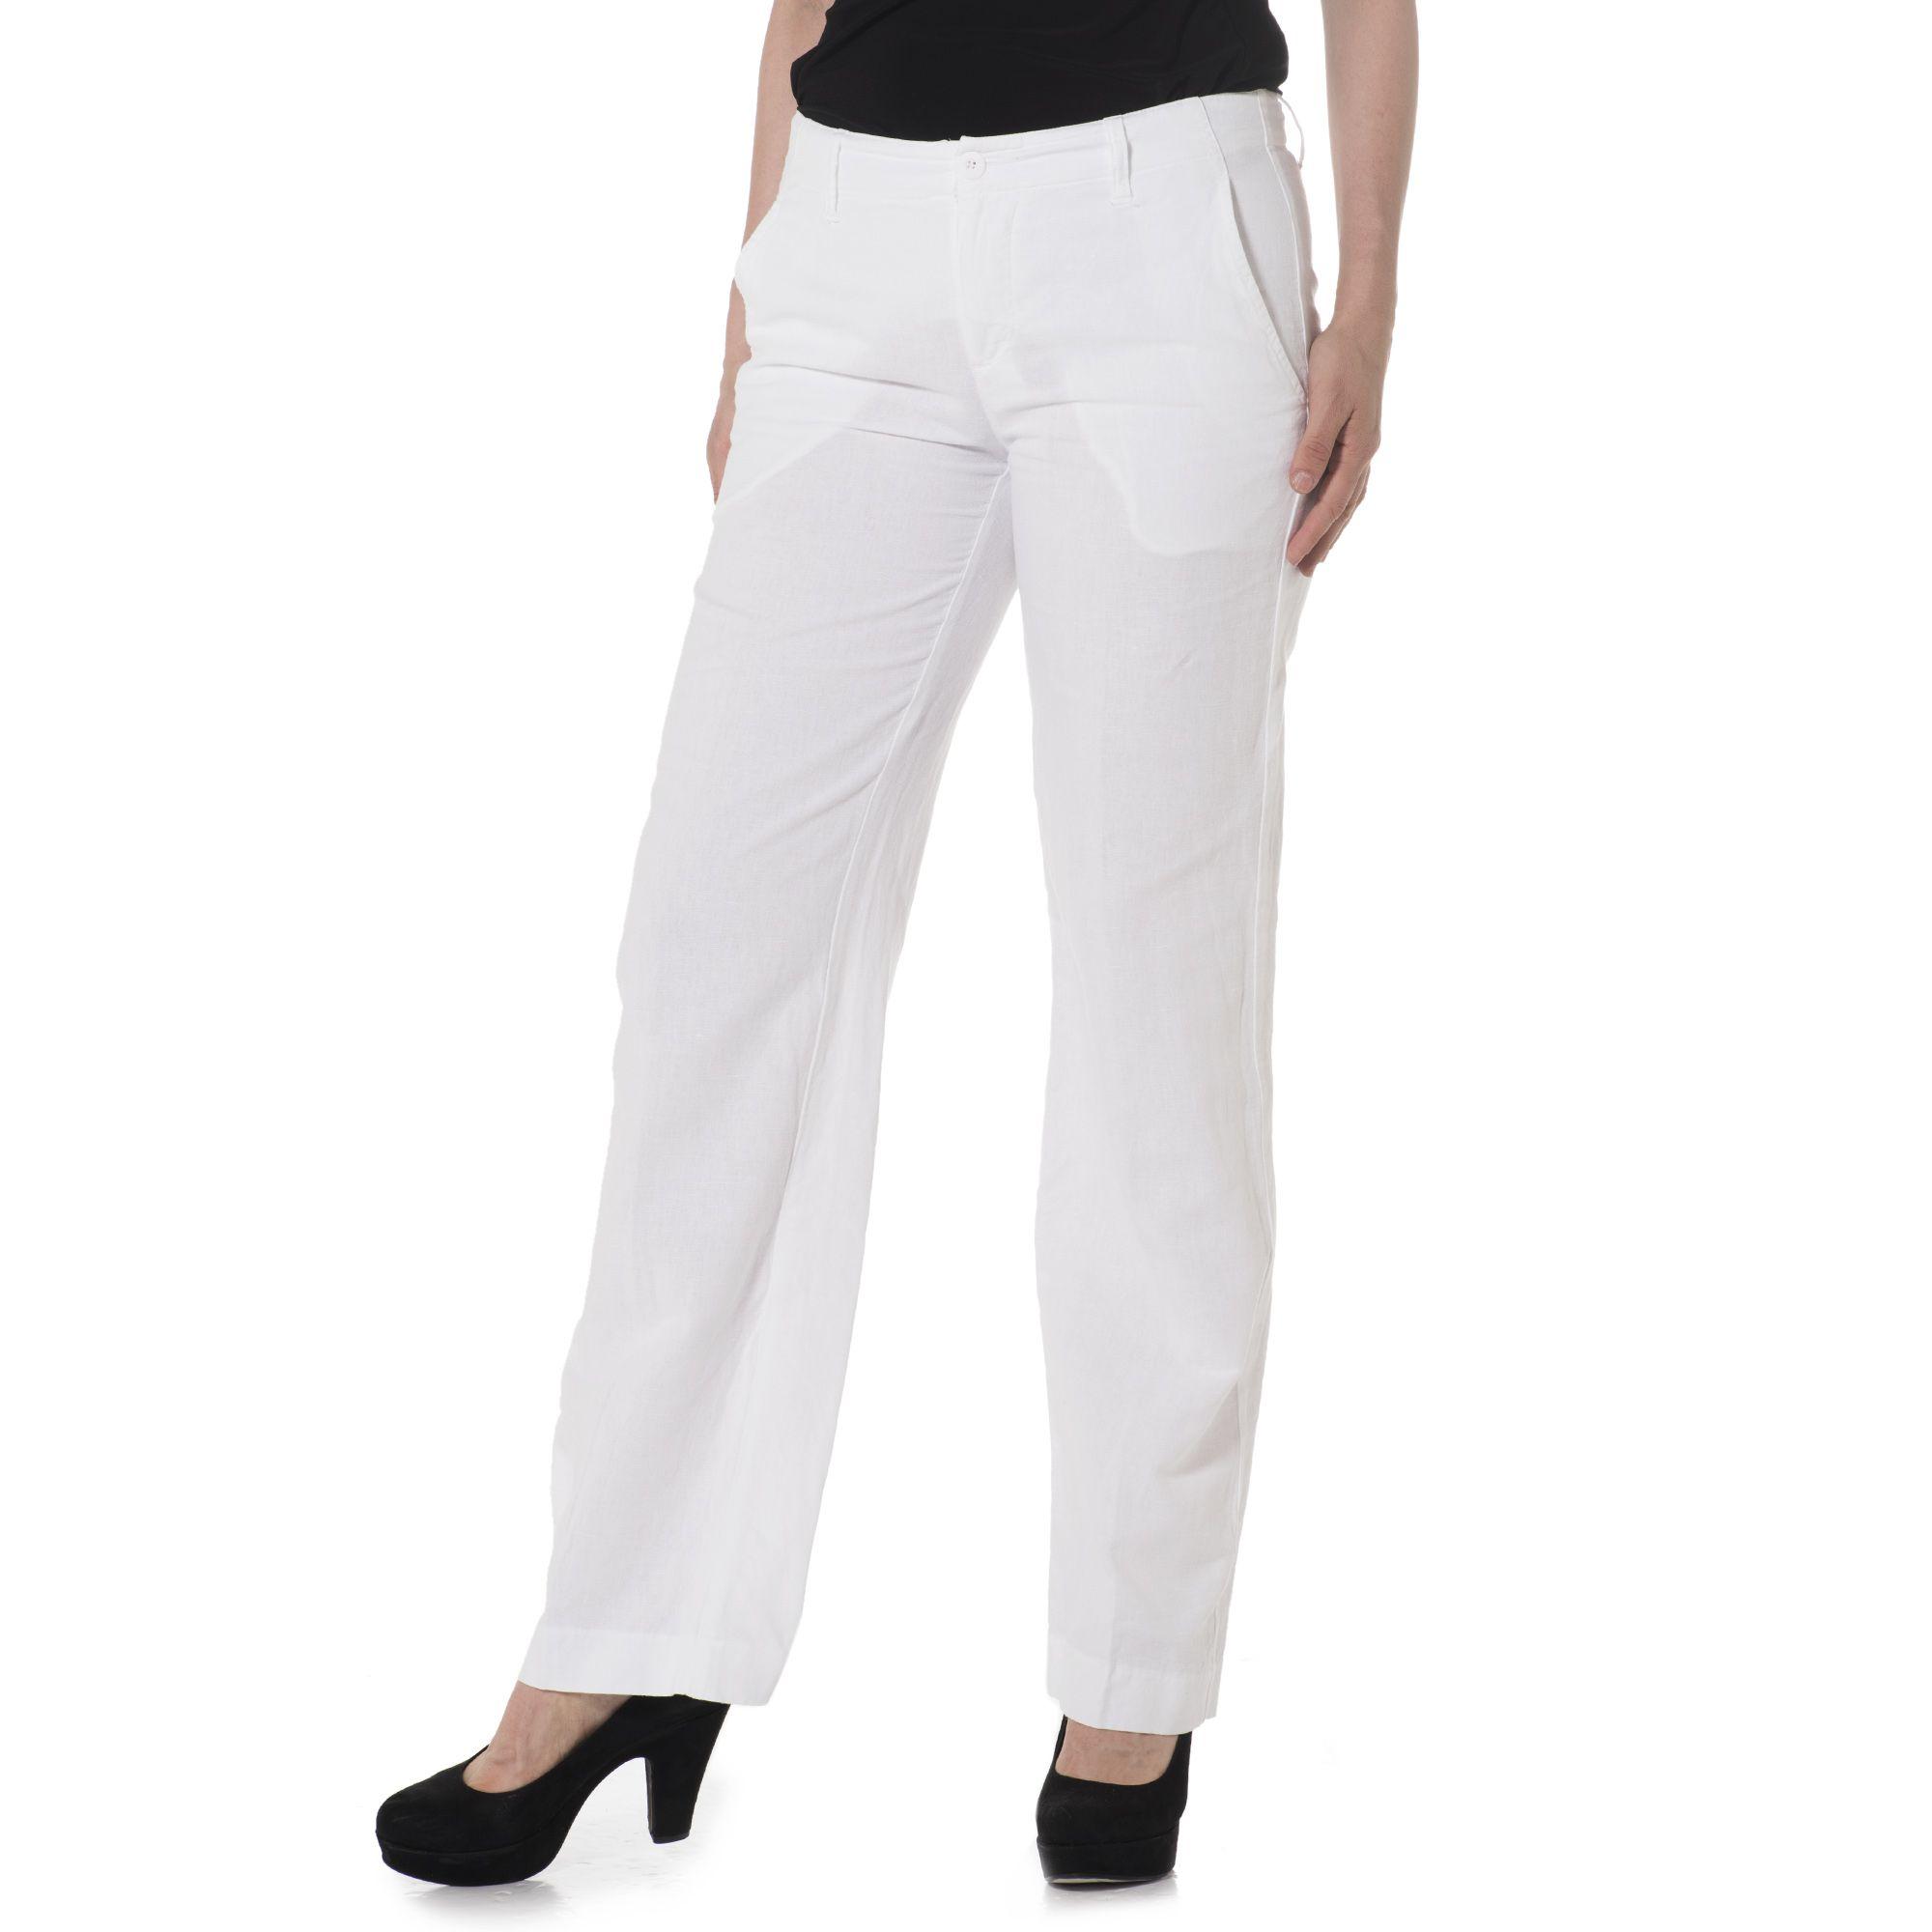 COLOUR LAB Pantalone misto lino con tasche alla francese - QVC Italia 4a69aed24bd